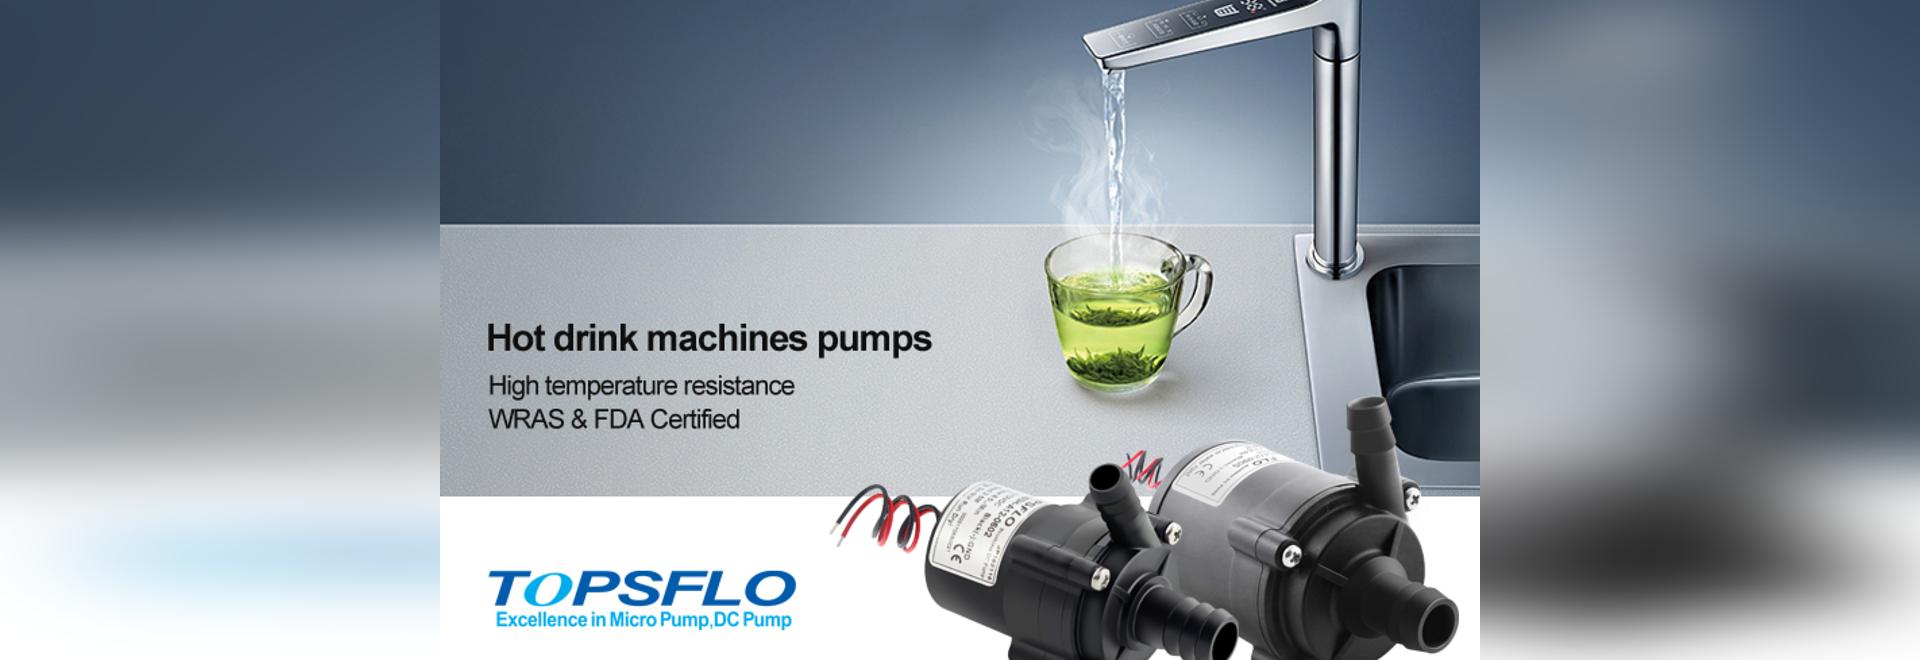 Entmystifizierung | warum sich die weltweit bekannten Heißgetränkeautomatenhersteller alle für TOPSFLO-Pumpen entschieden haben